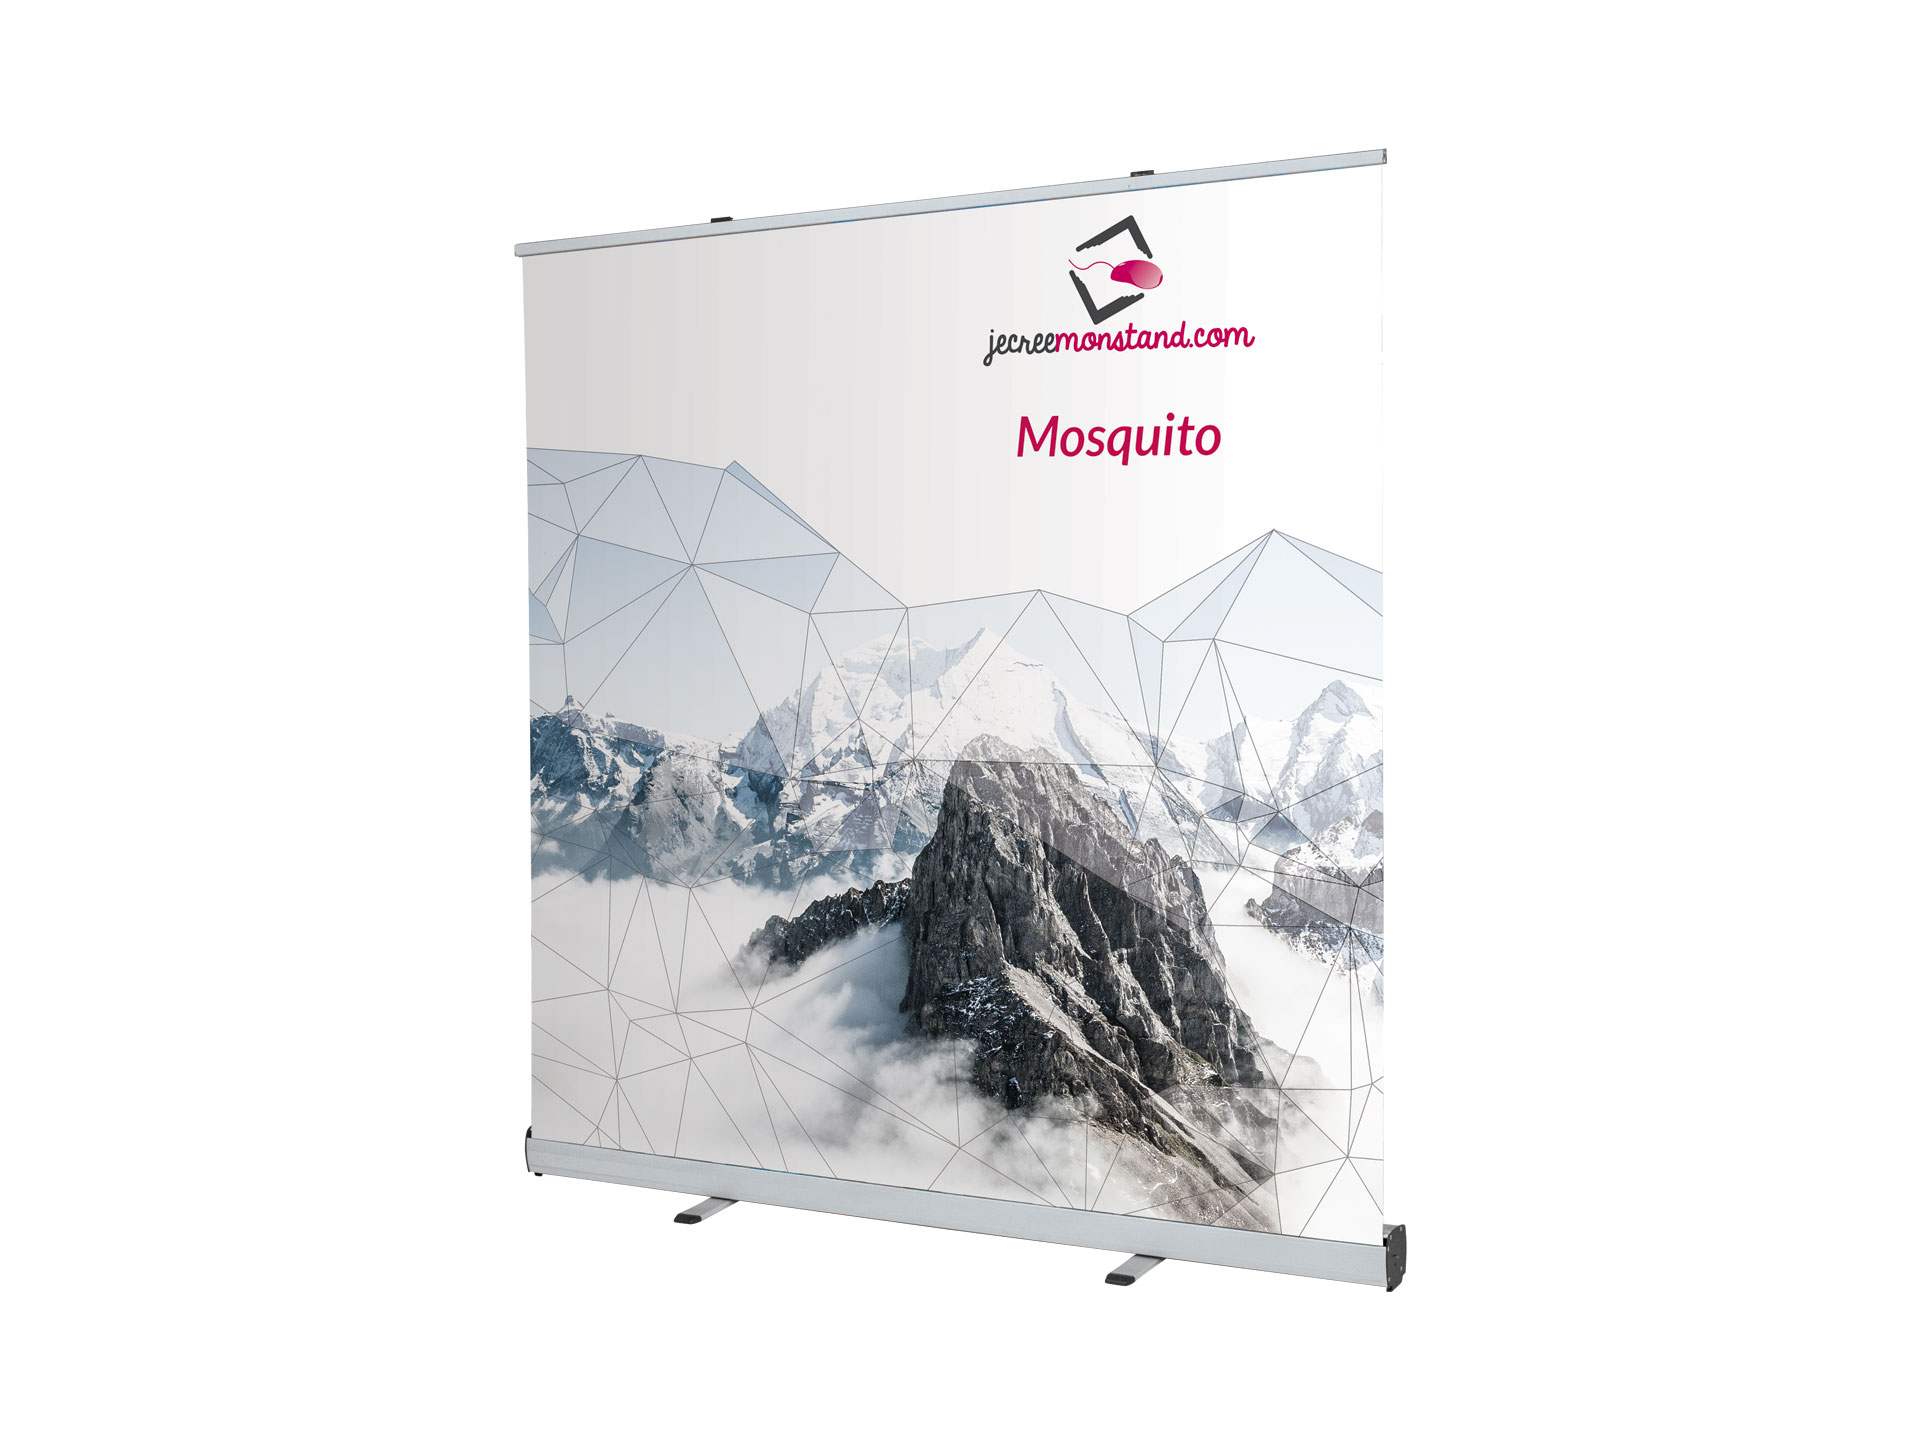 Roll-up, mur d'images Mosquito 2000 pour vos salons, foires et expositions